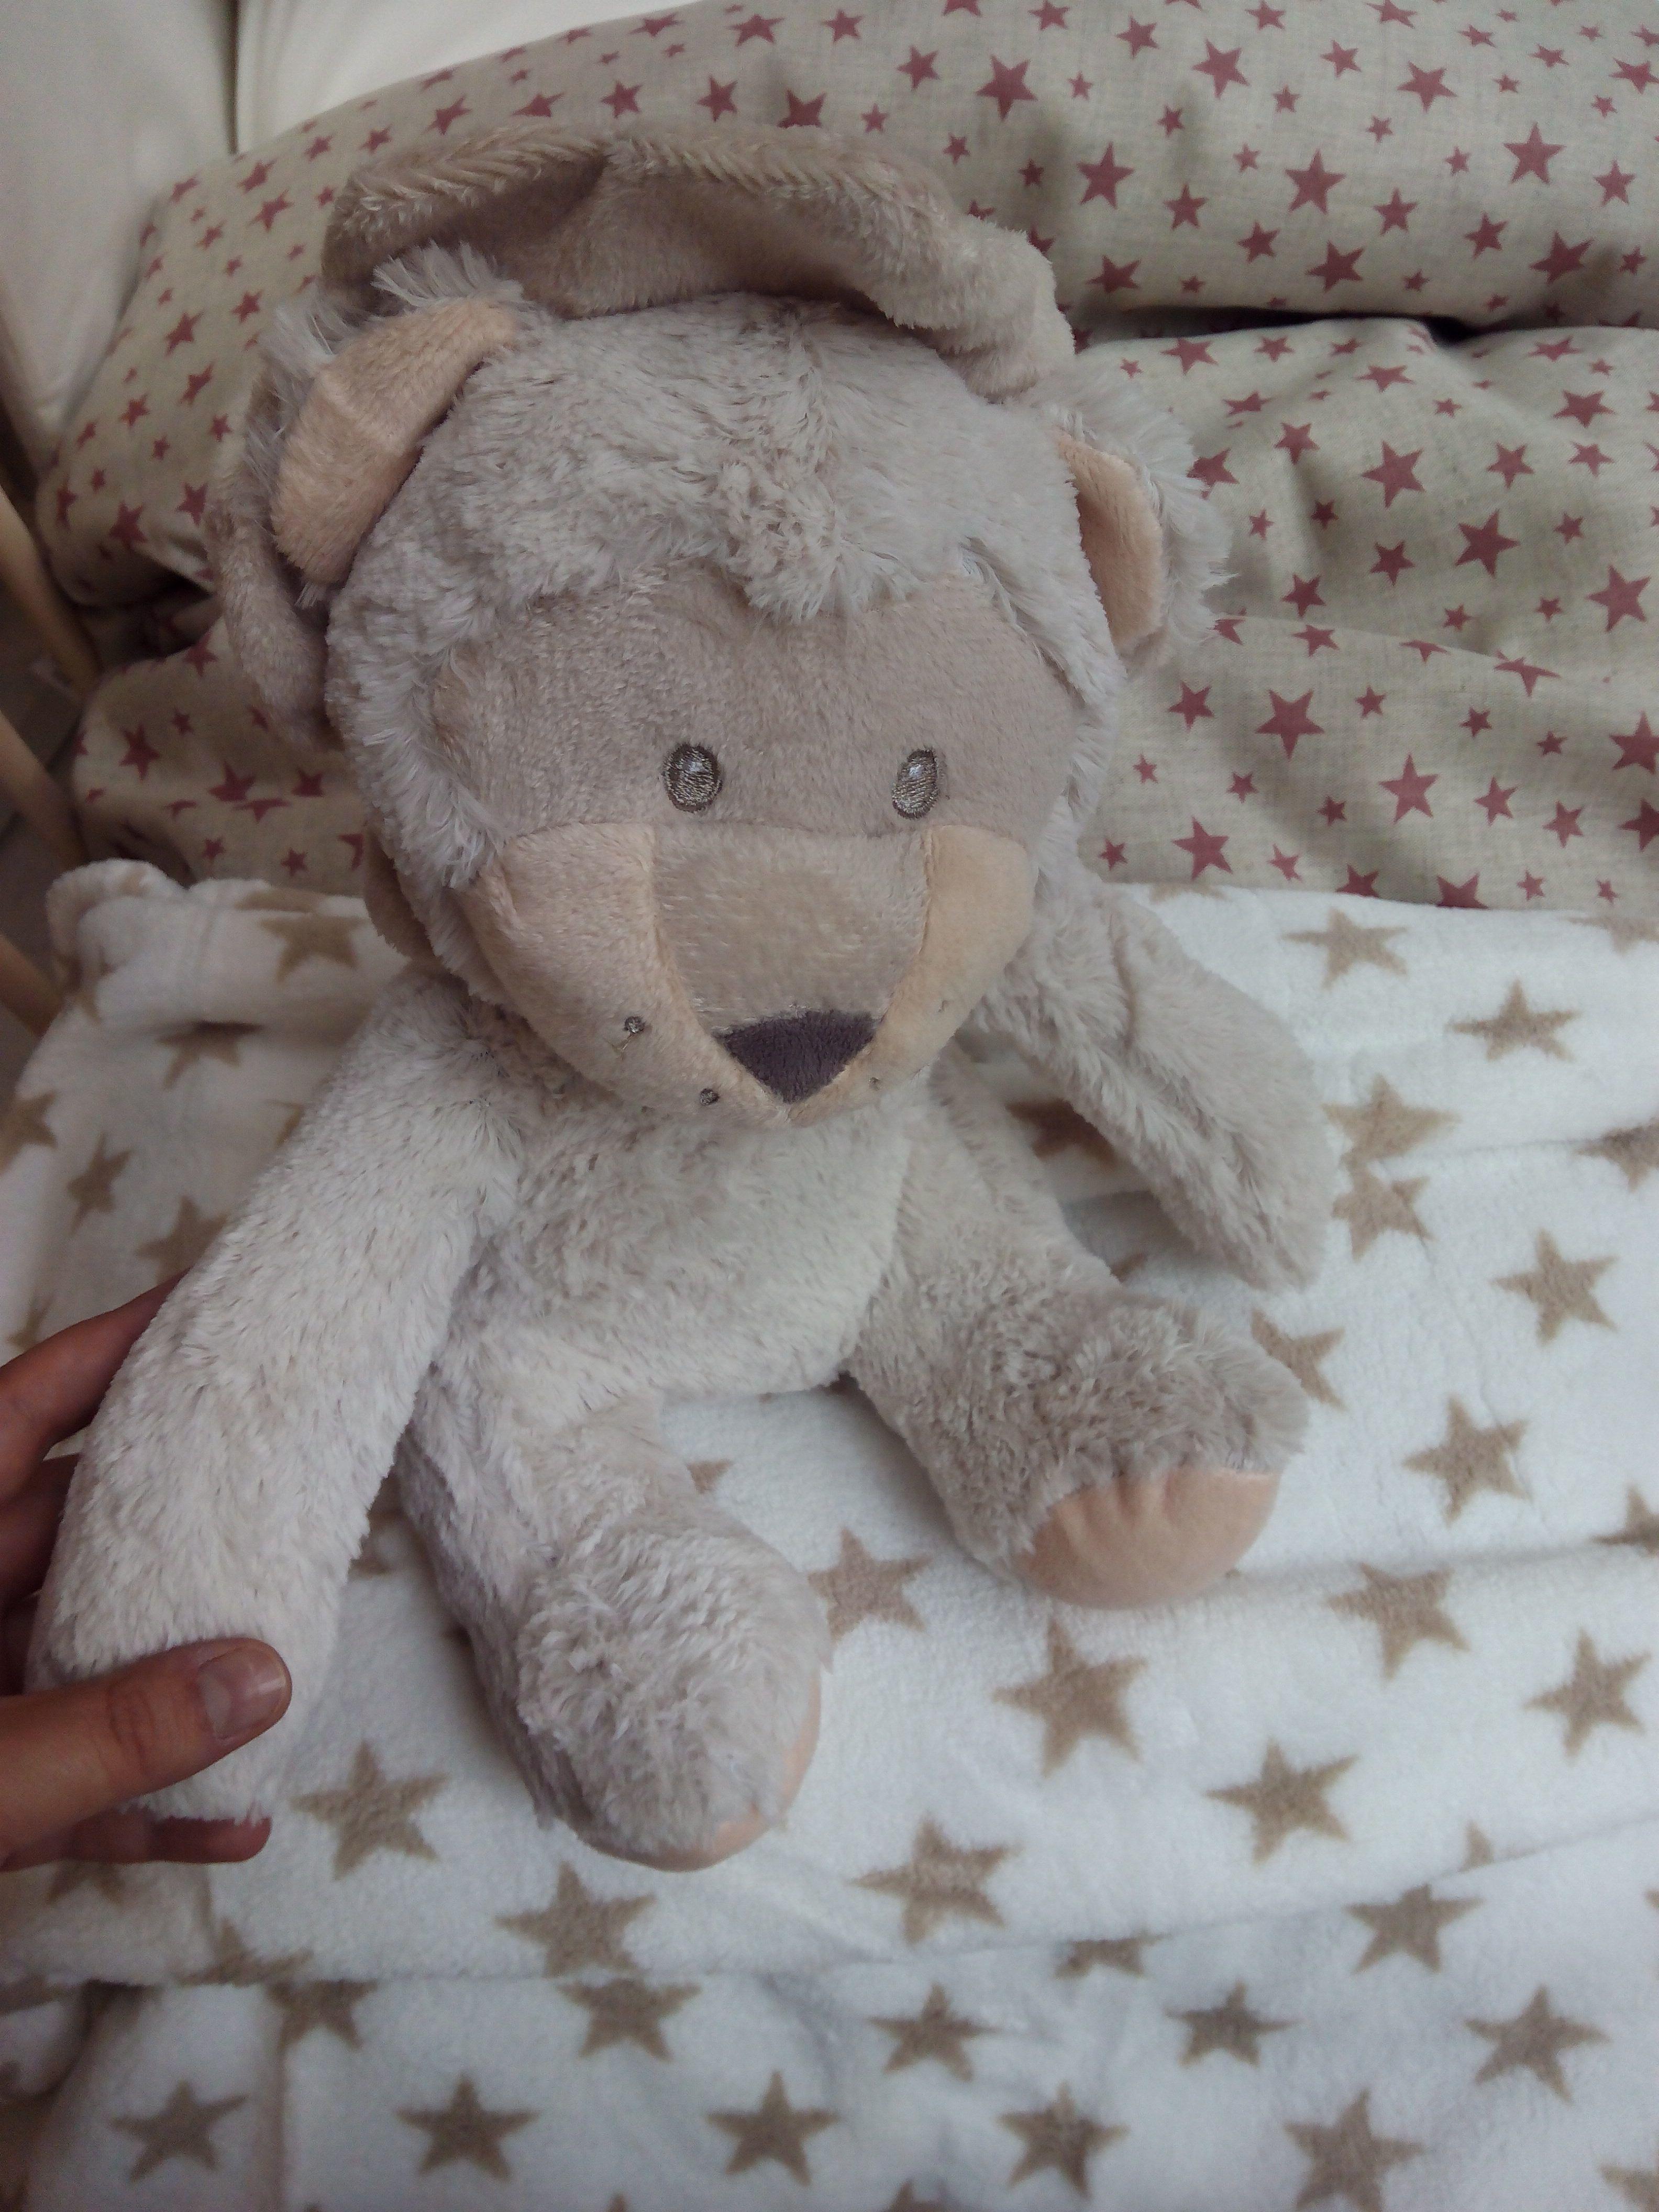 Detalle para un regalo de plaid de cuna con muñeco de león. Tacto suave. Detail for a gift plaid crib with stuffed lion. soft touch.